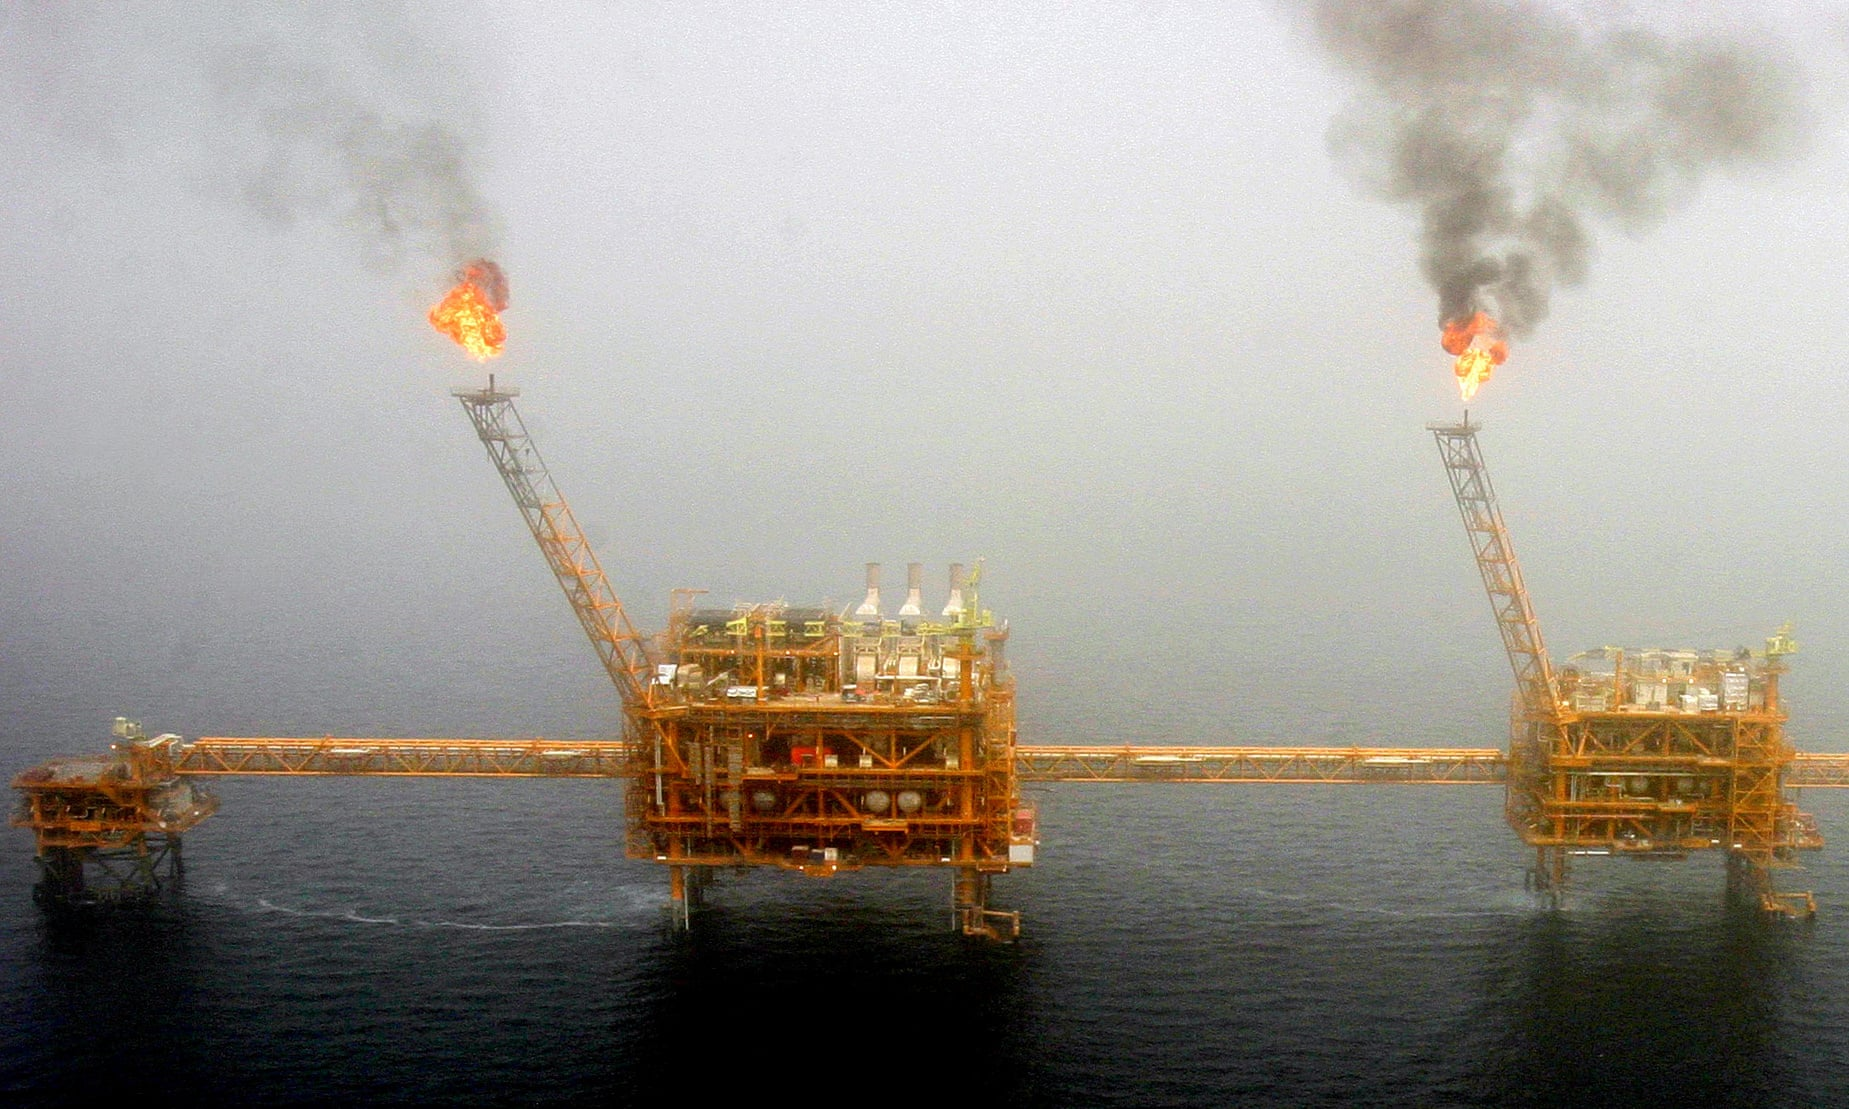 احتمال افزایش شدید قیمت نفت در تابستان در اثر تحریمهای ایالات متحده علیه ایران